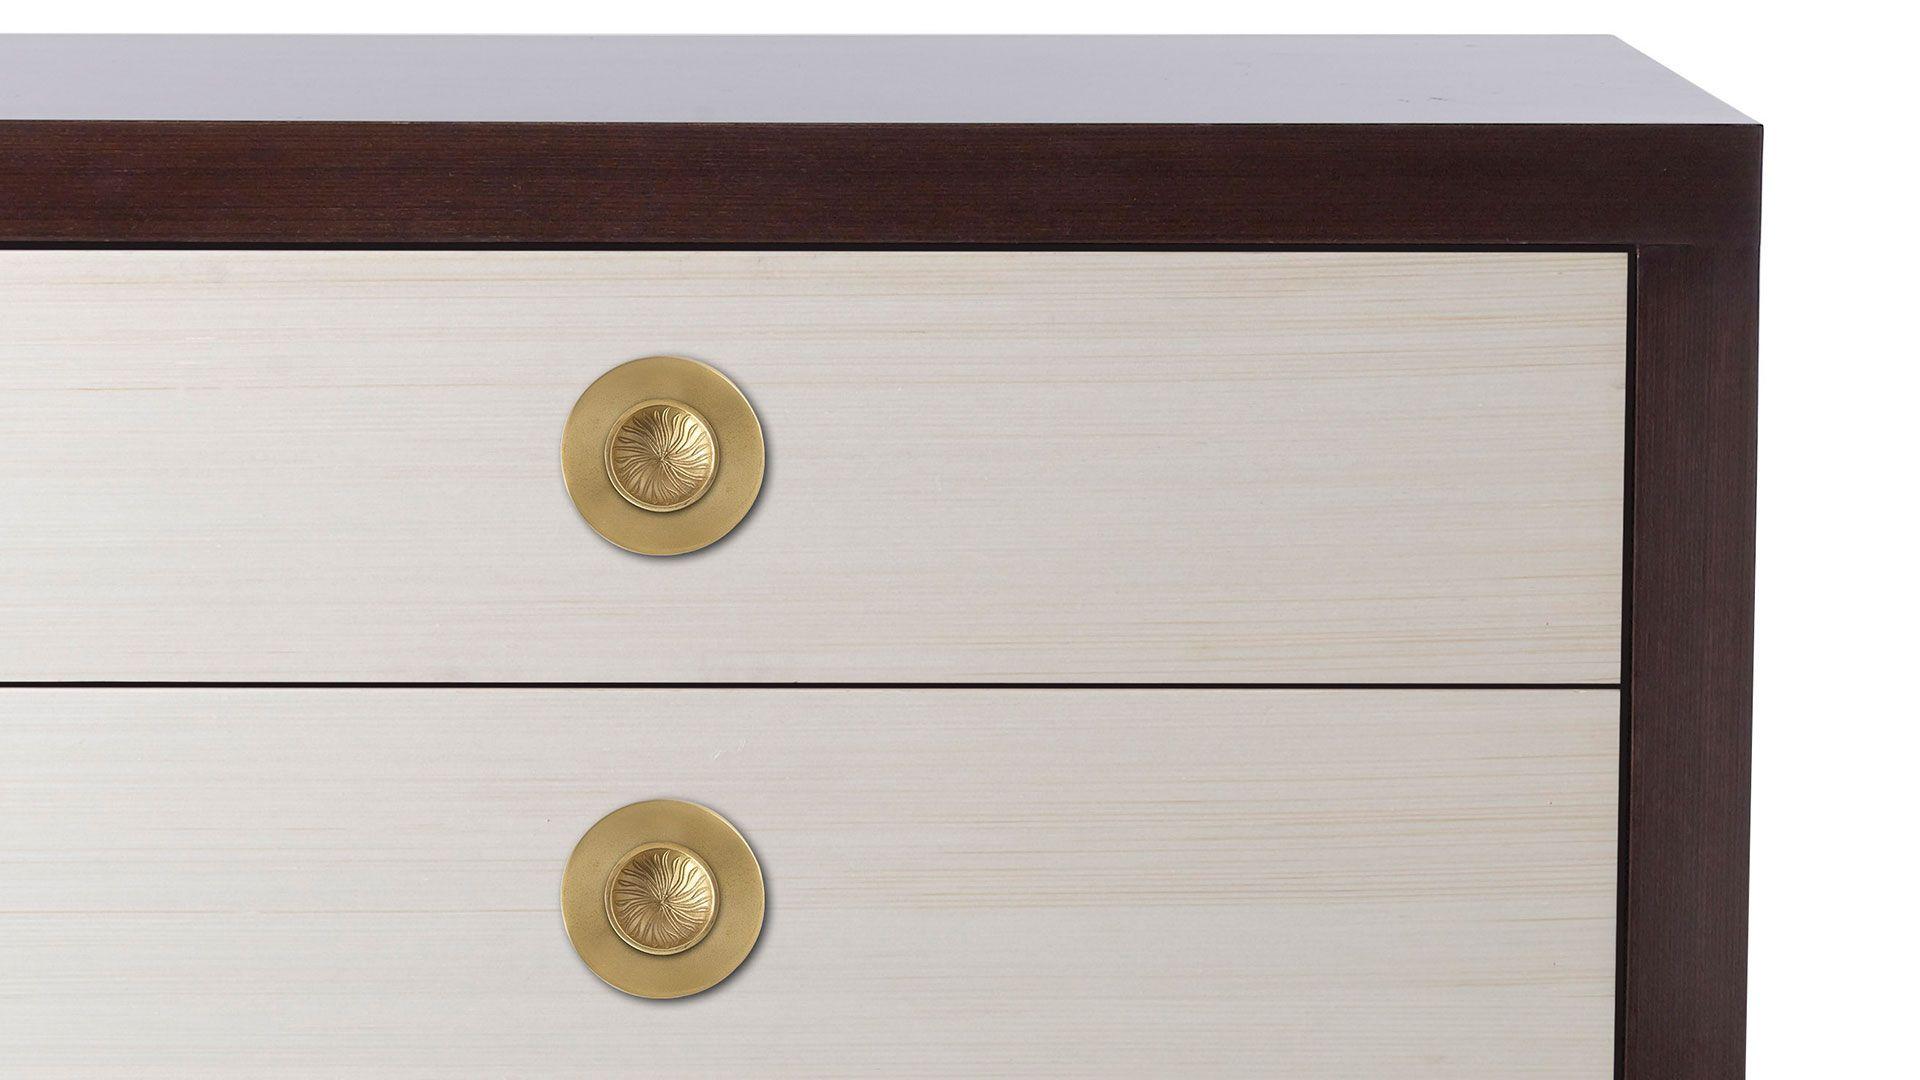 Lisa Jarvis « Hardware Pulls U0026 Interior Design